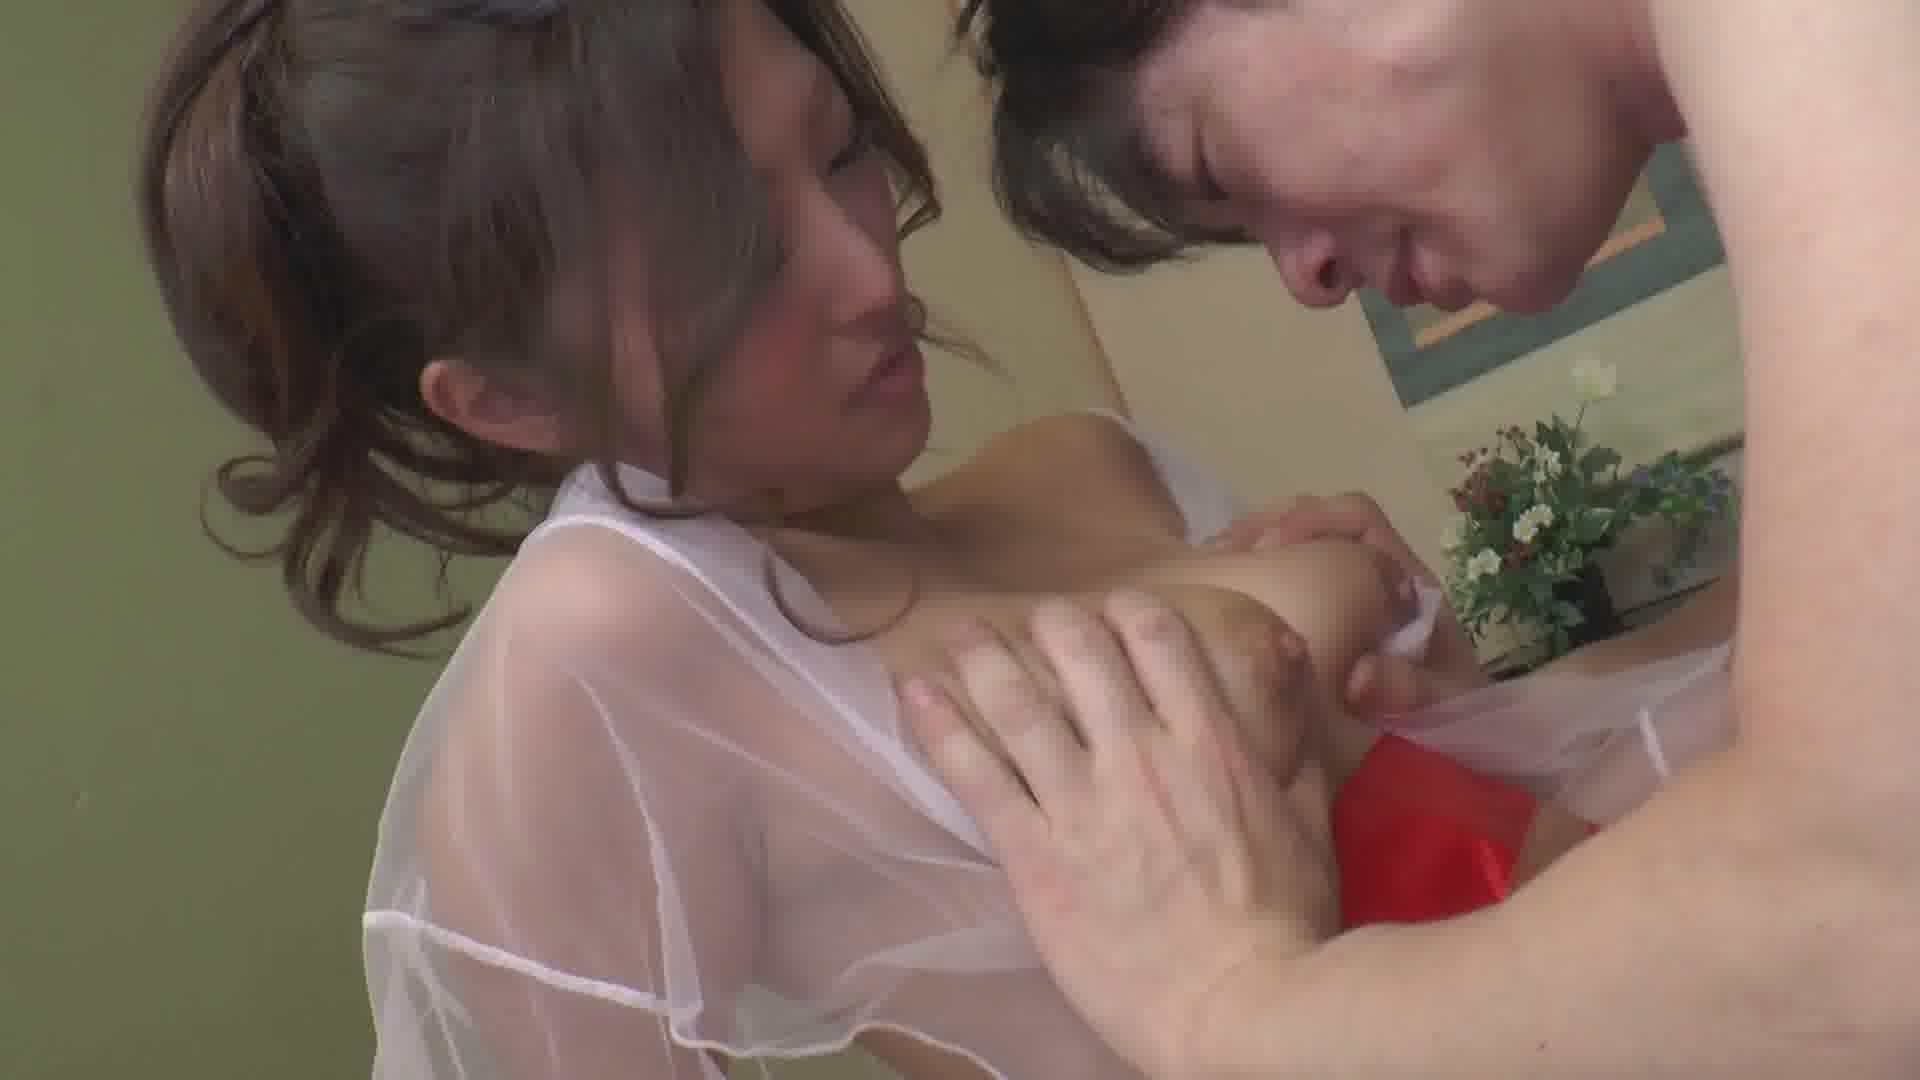 洗練された大人のいやし亭 ~奇跡のクビレ女子のおもてなし~ - 百多えみり【美乳・浴衣・中出し】